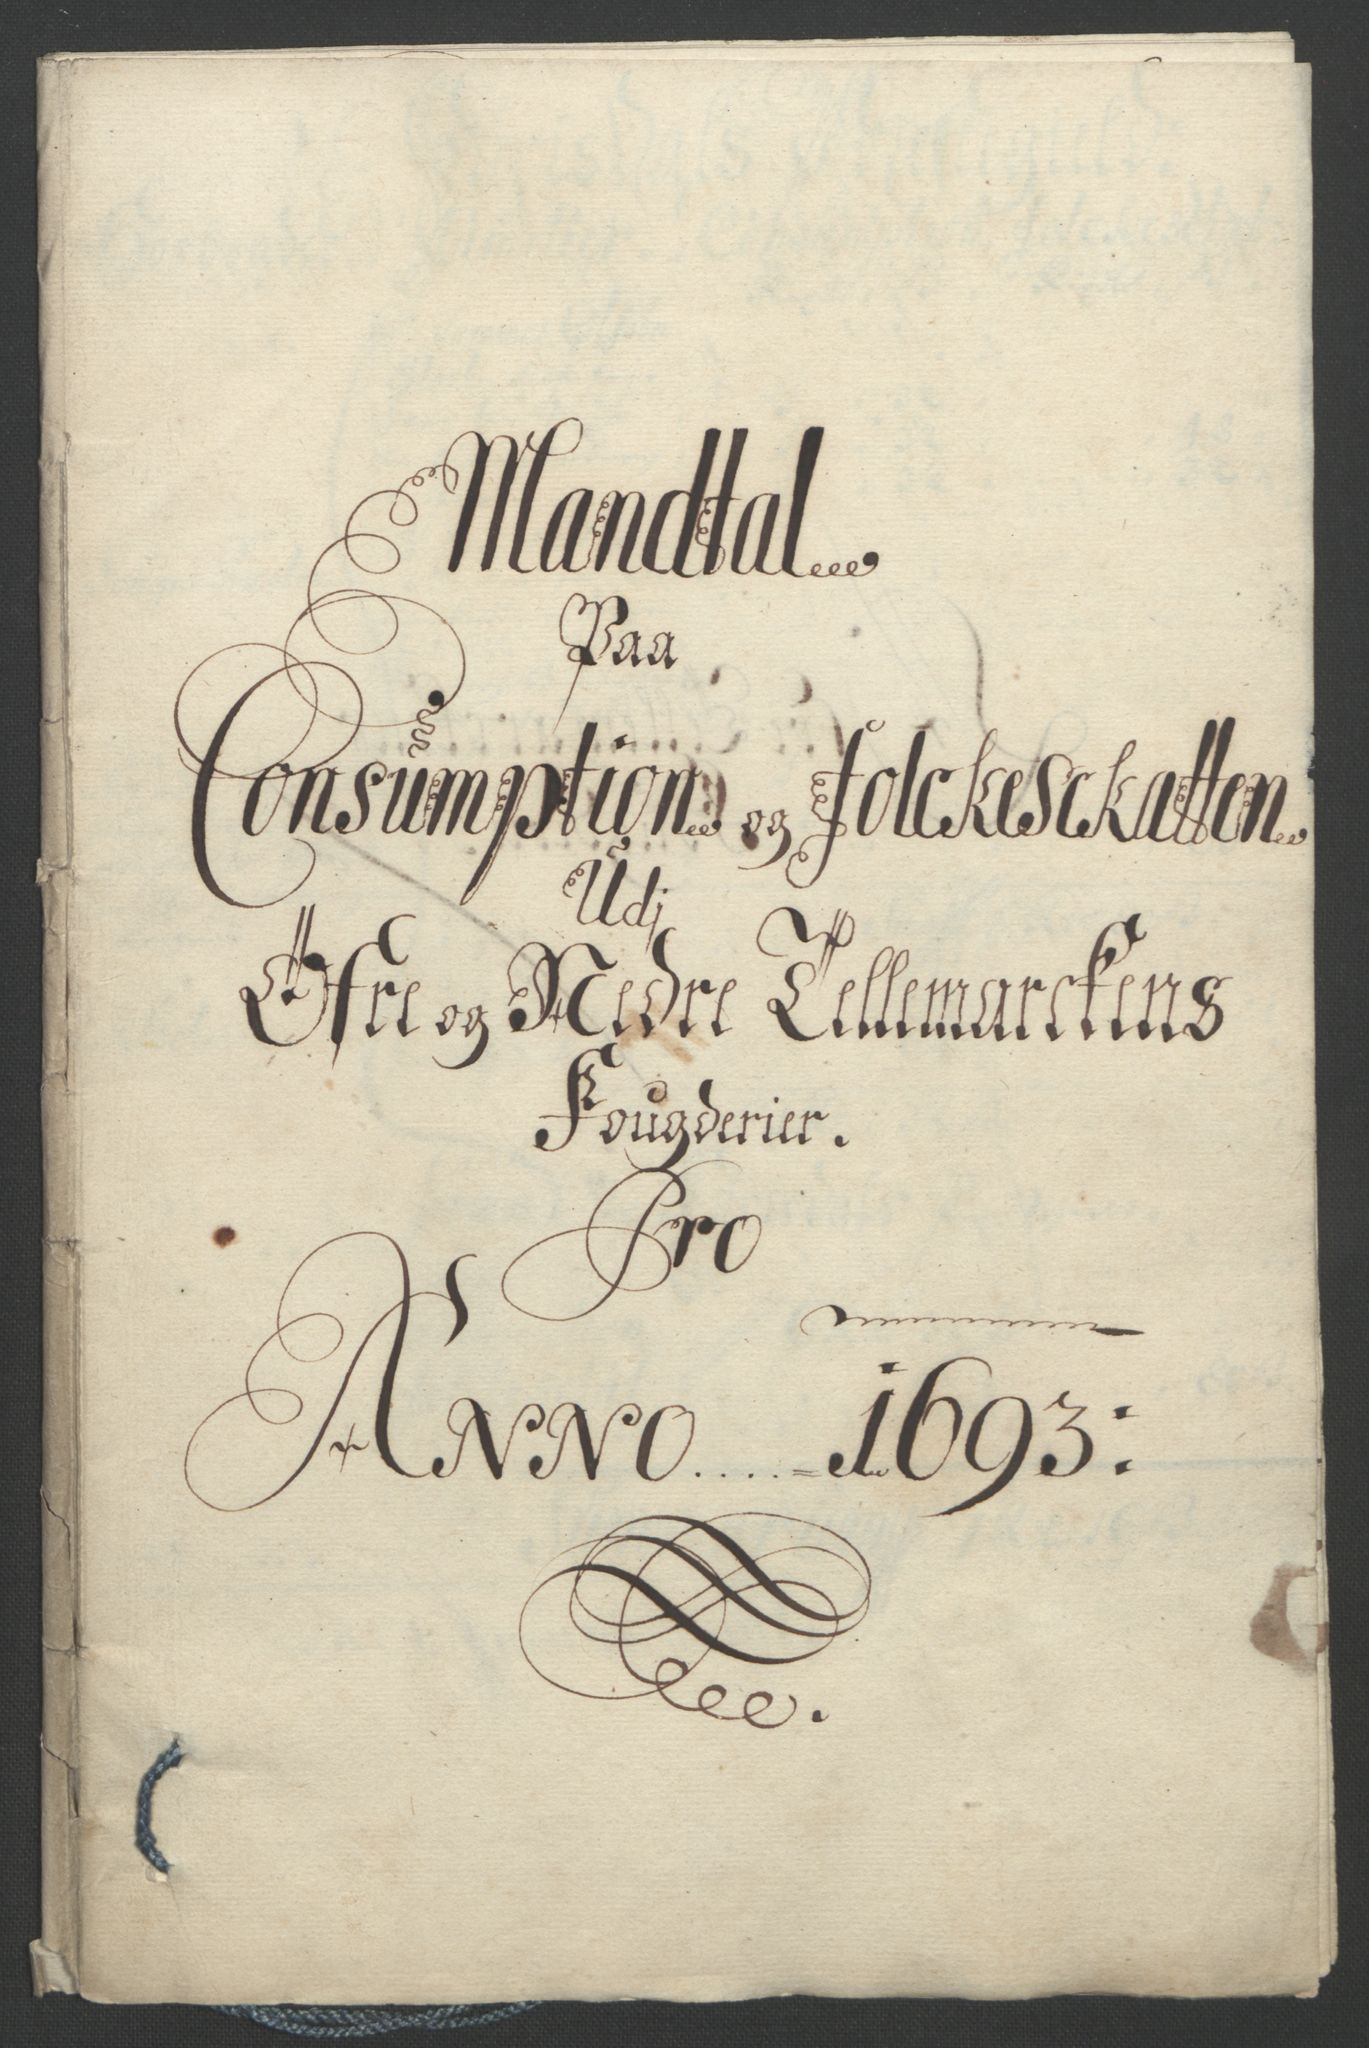 RA, Rentekammeret inntil 1814, Reviderte regnskaper, Fogderegnskap, R35/L2091: Fogderegnskap Øvre og Nedre Telemark, 1690-1693, s. 282